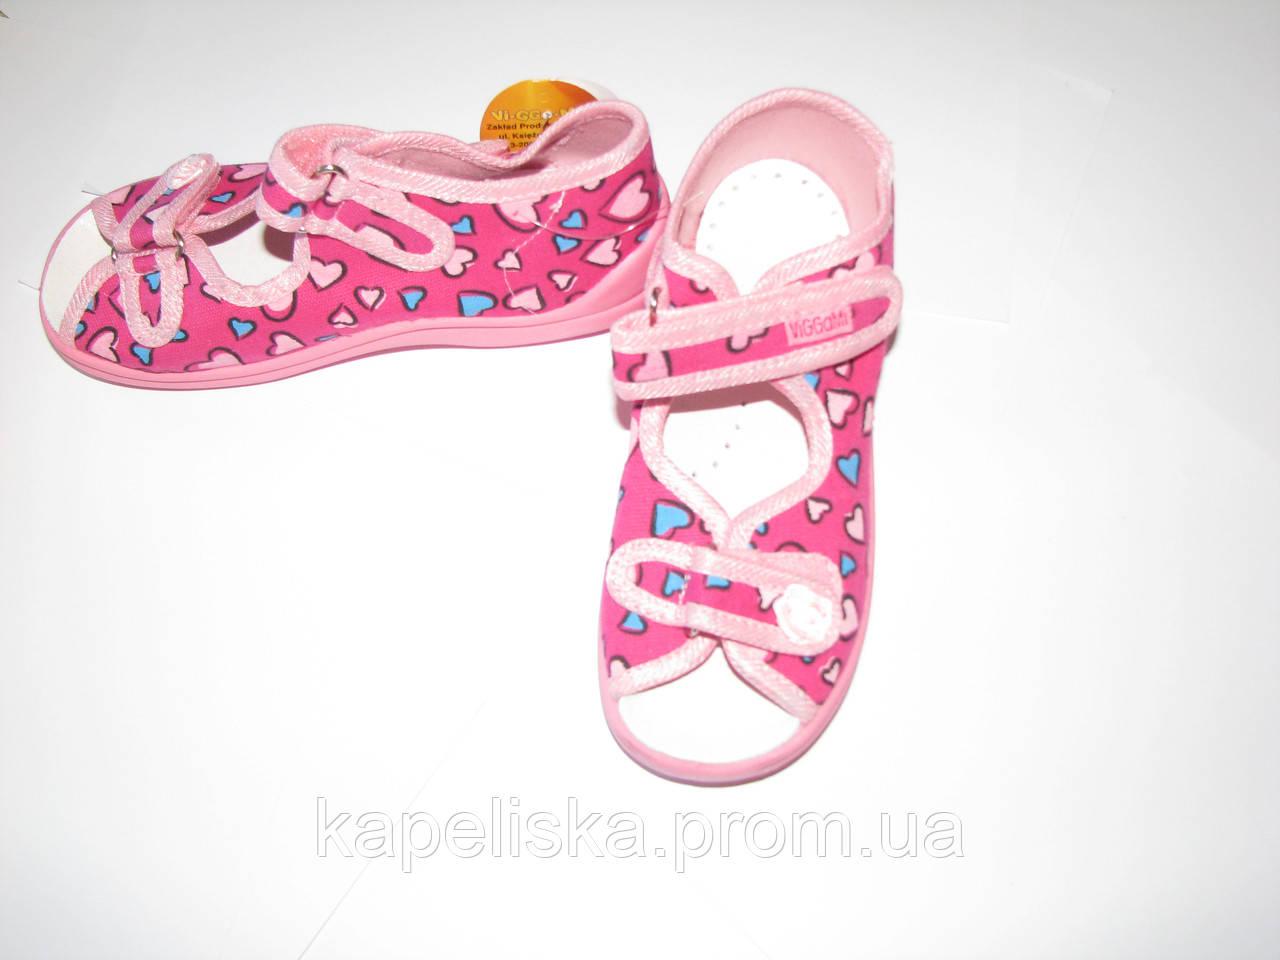 Viggami  тапочки для девочки, босоножки , босоніжки для дівчинки Karo